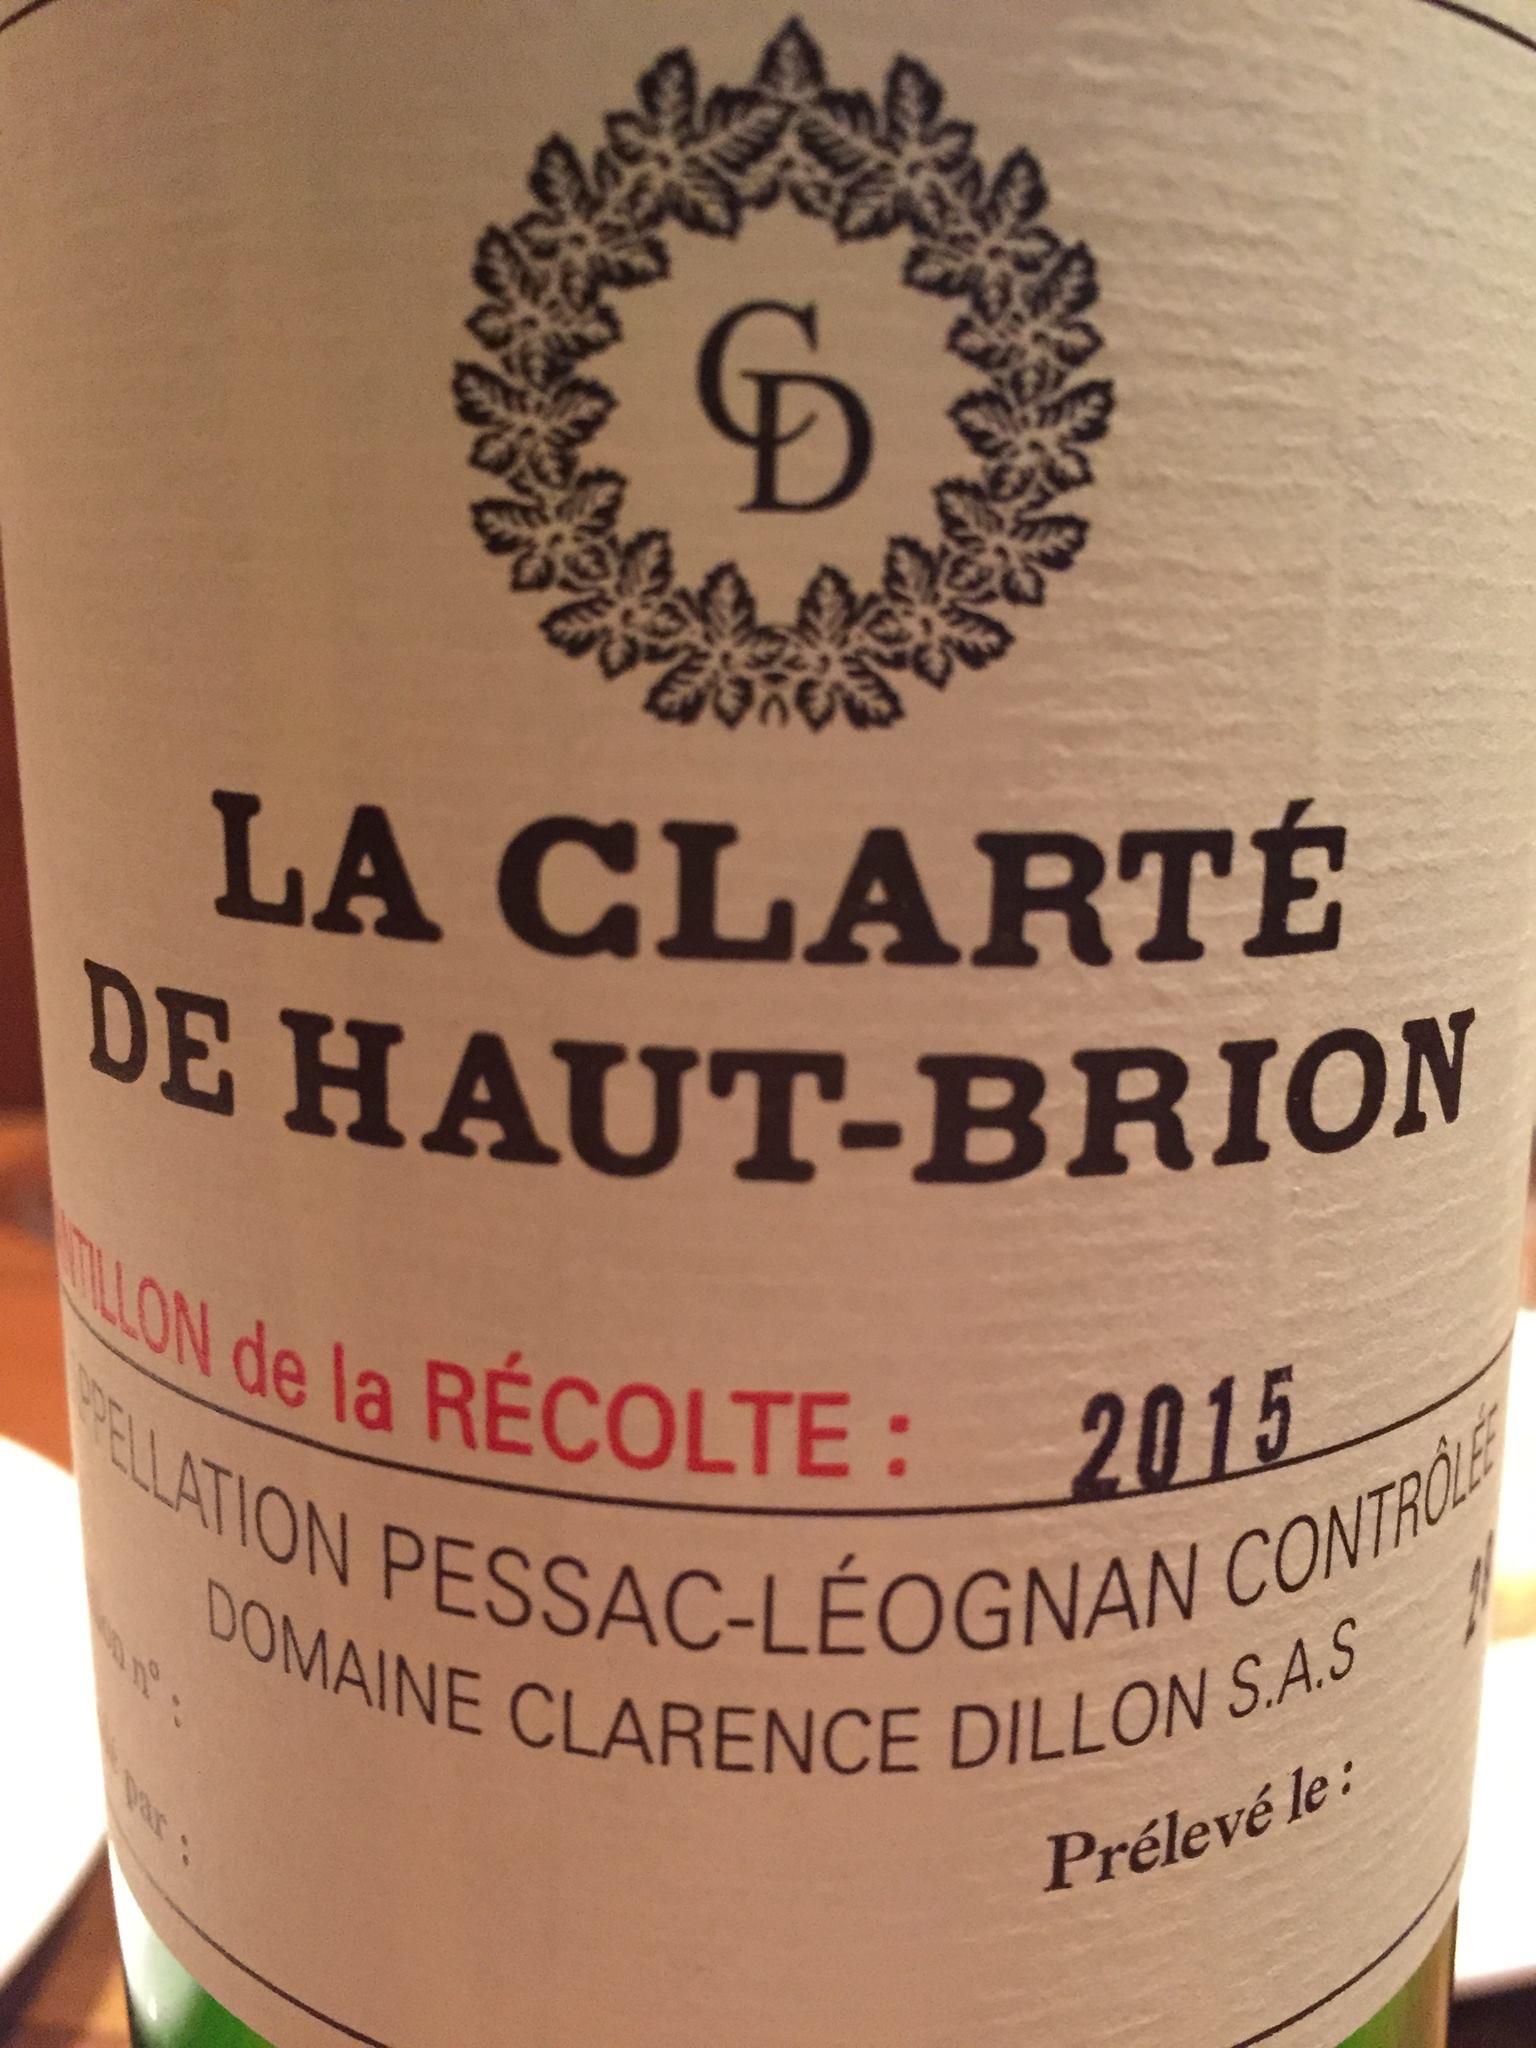 La Clarté de Haut-Brion 2015 – Pessac-Léognan